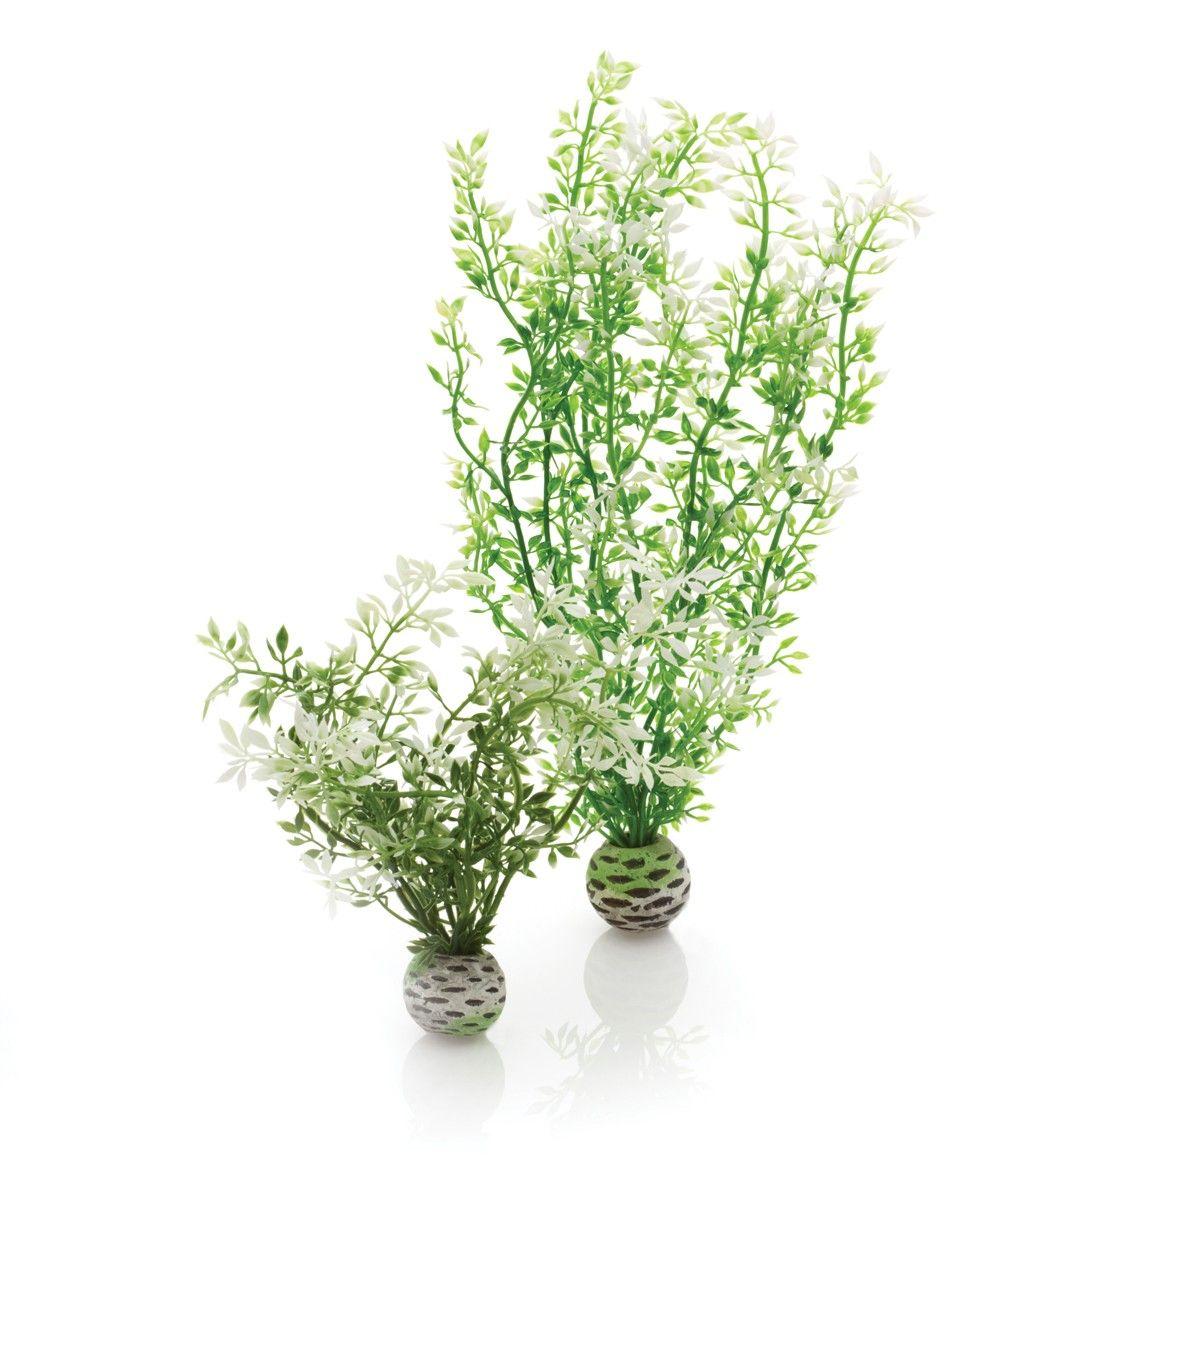 Winter Flower Plants